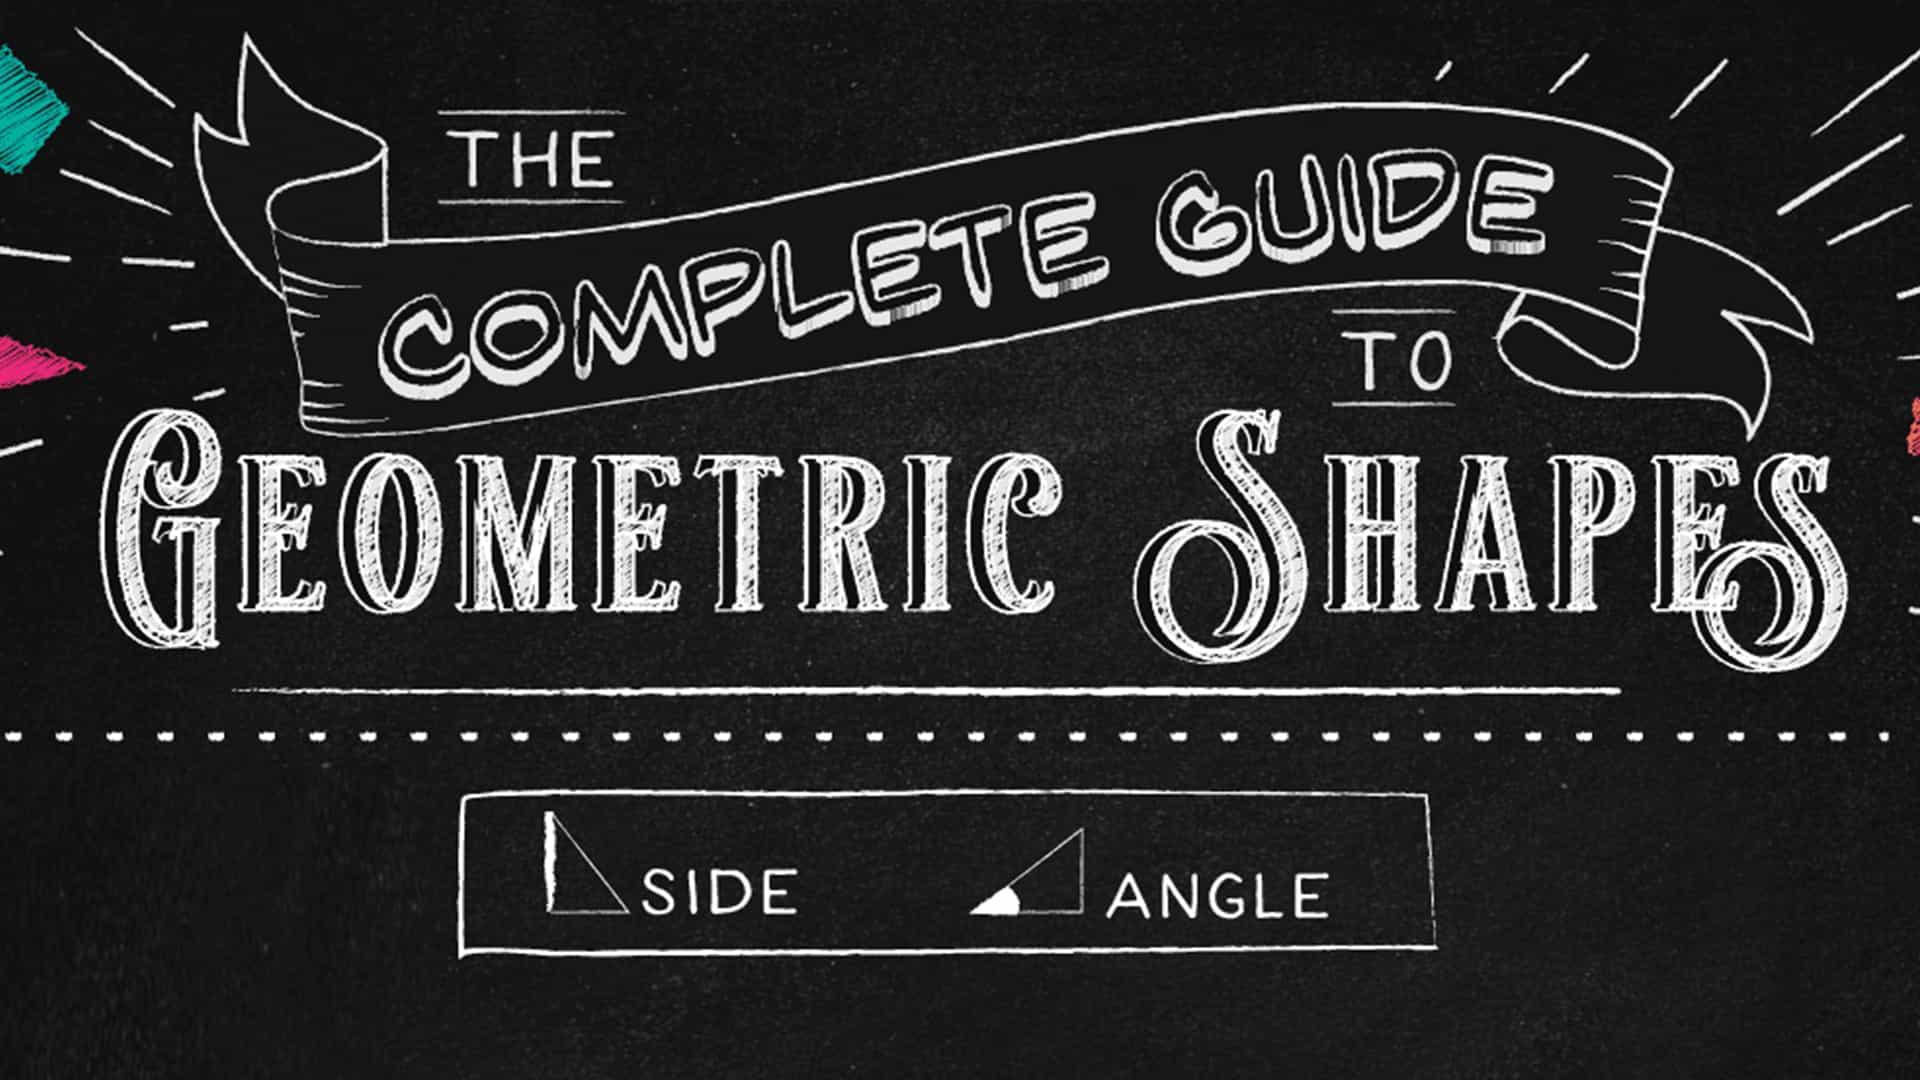 La guía de formas geométricas es completamente adictiva